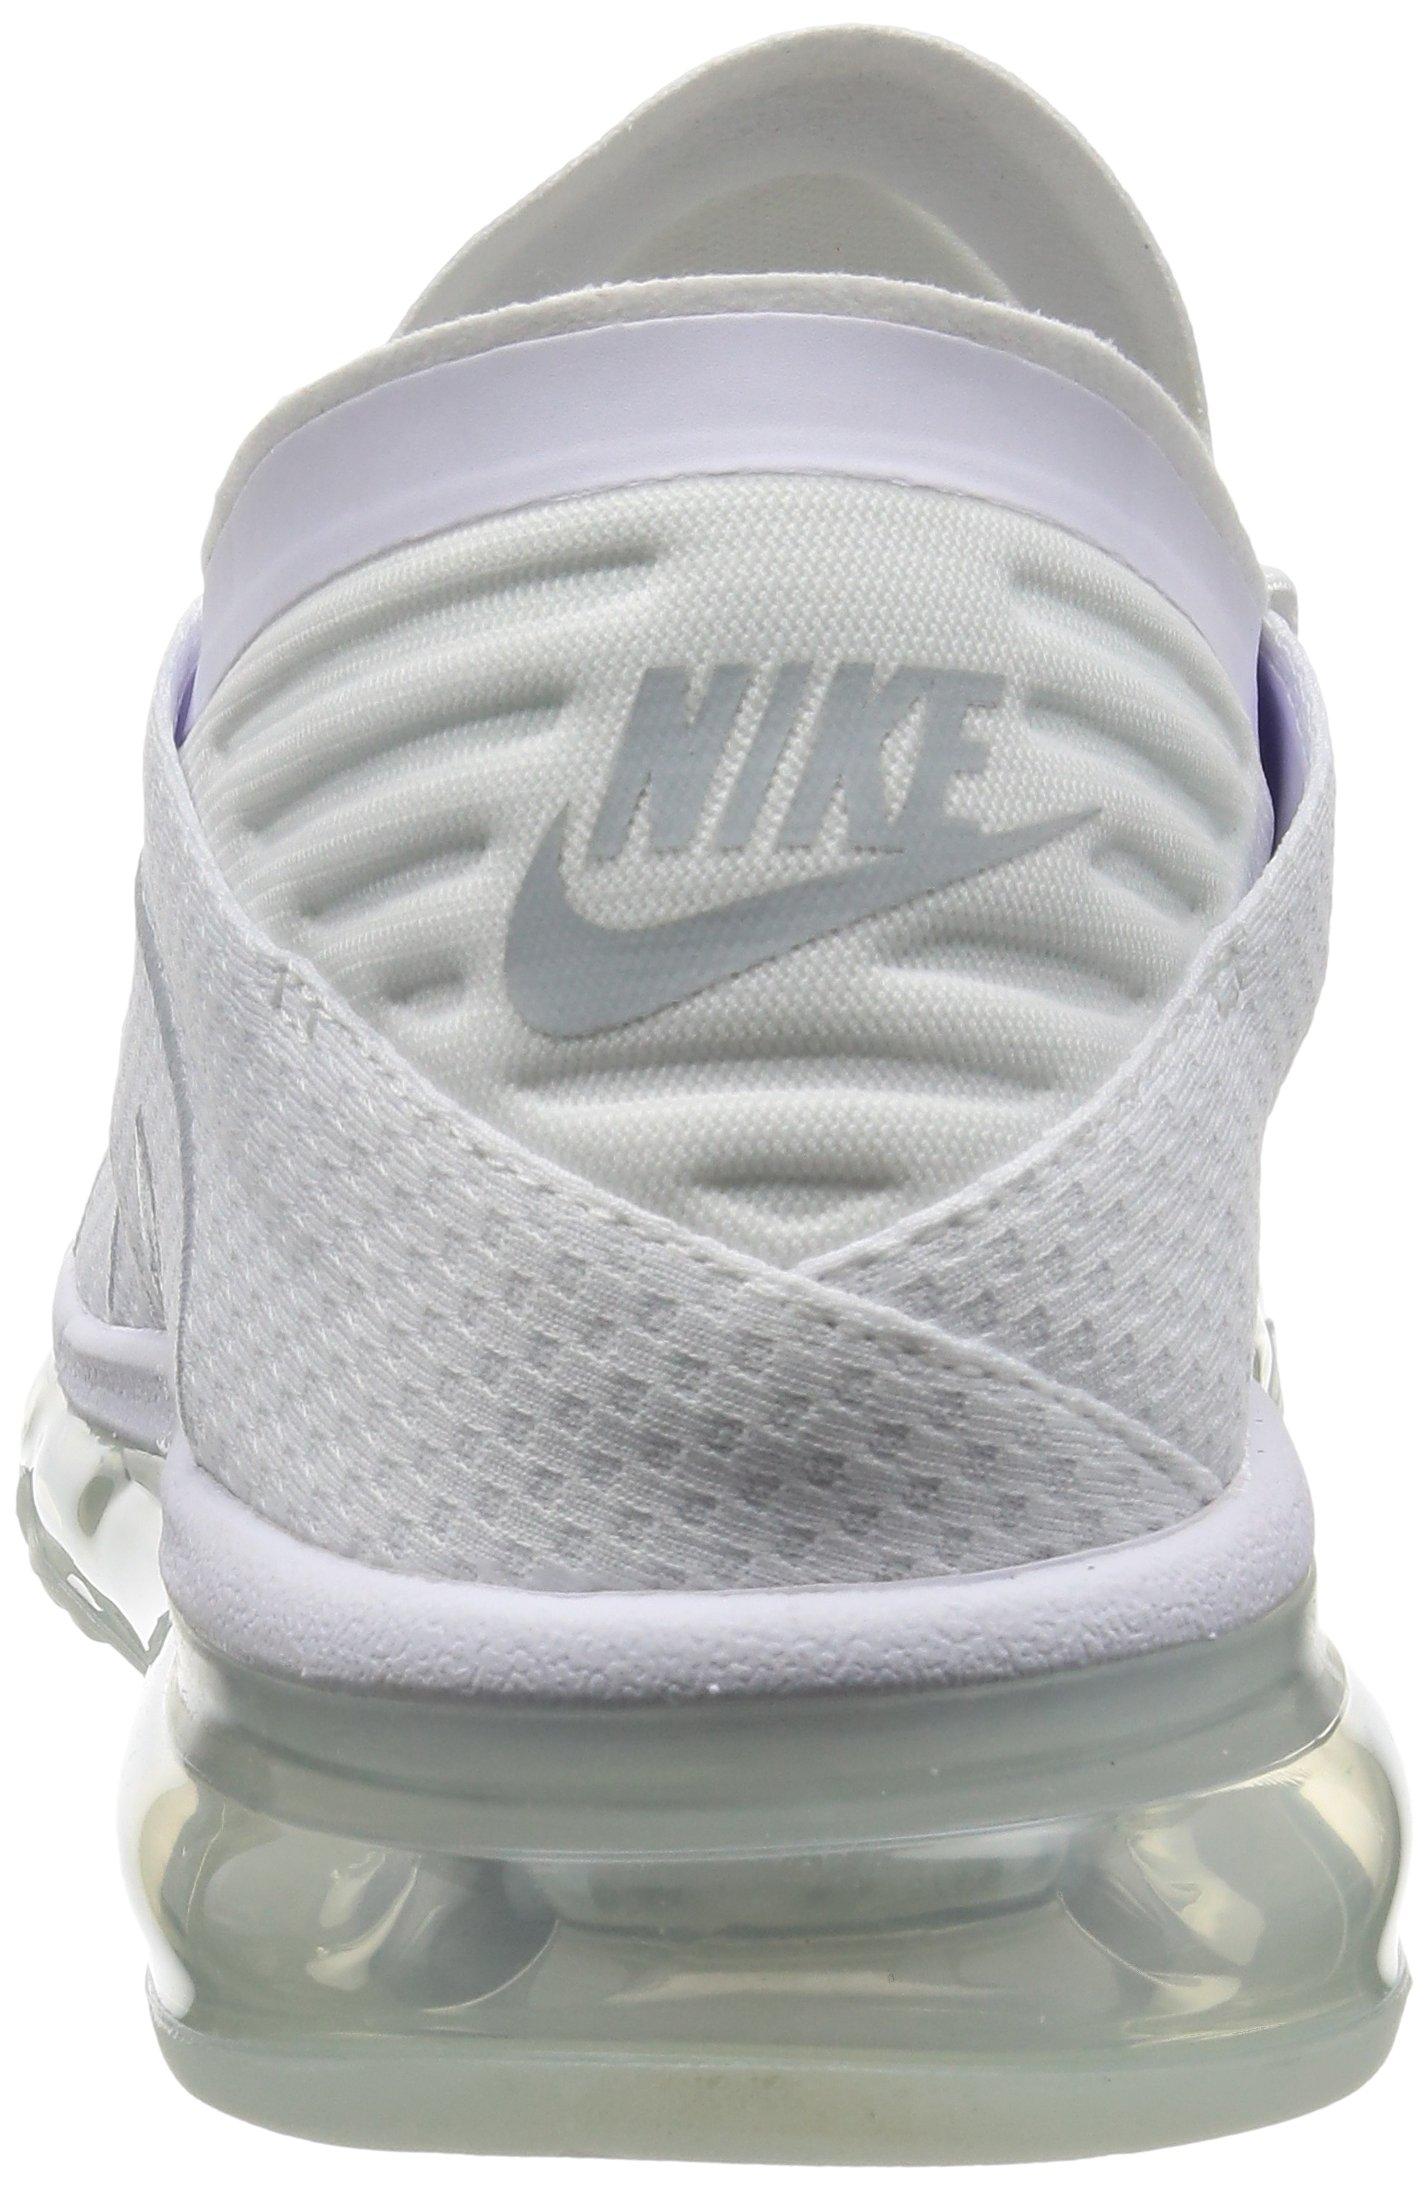 81gQyRC9AbL - Nike Mens - Air Max Flair - Triple White - 942236-100